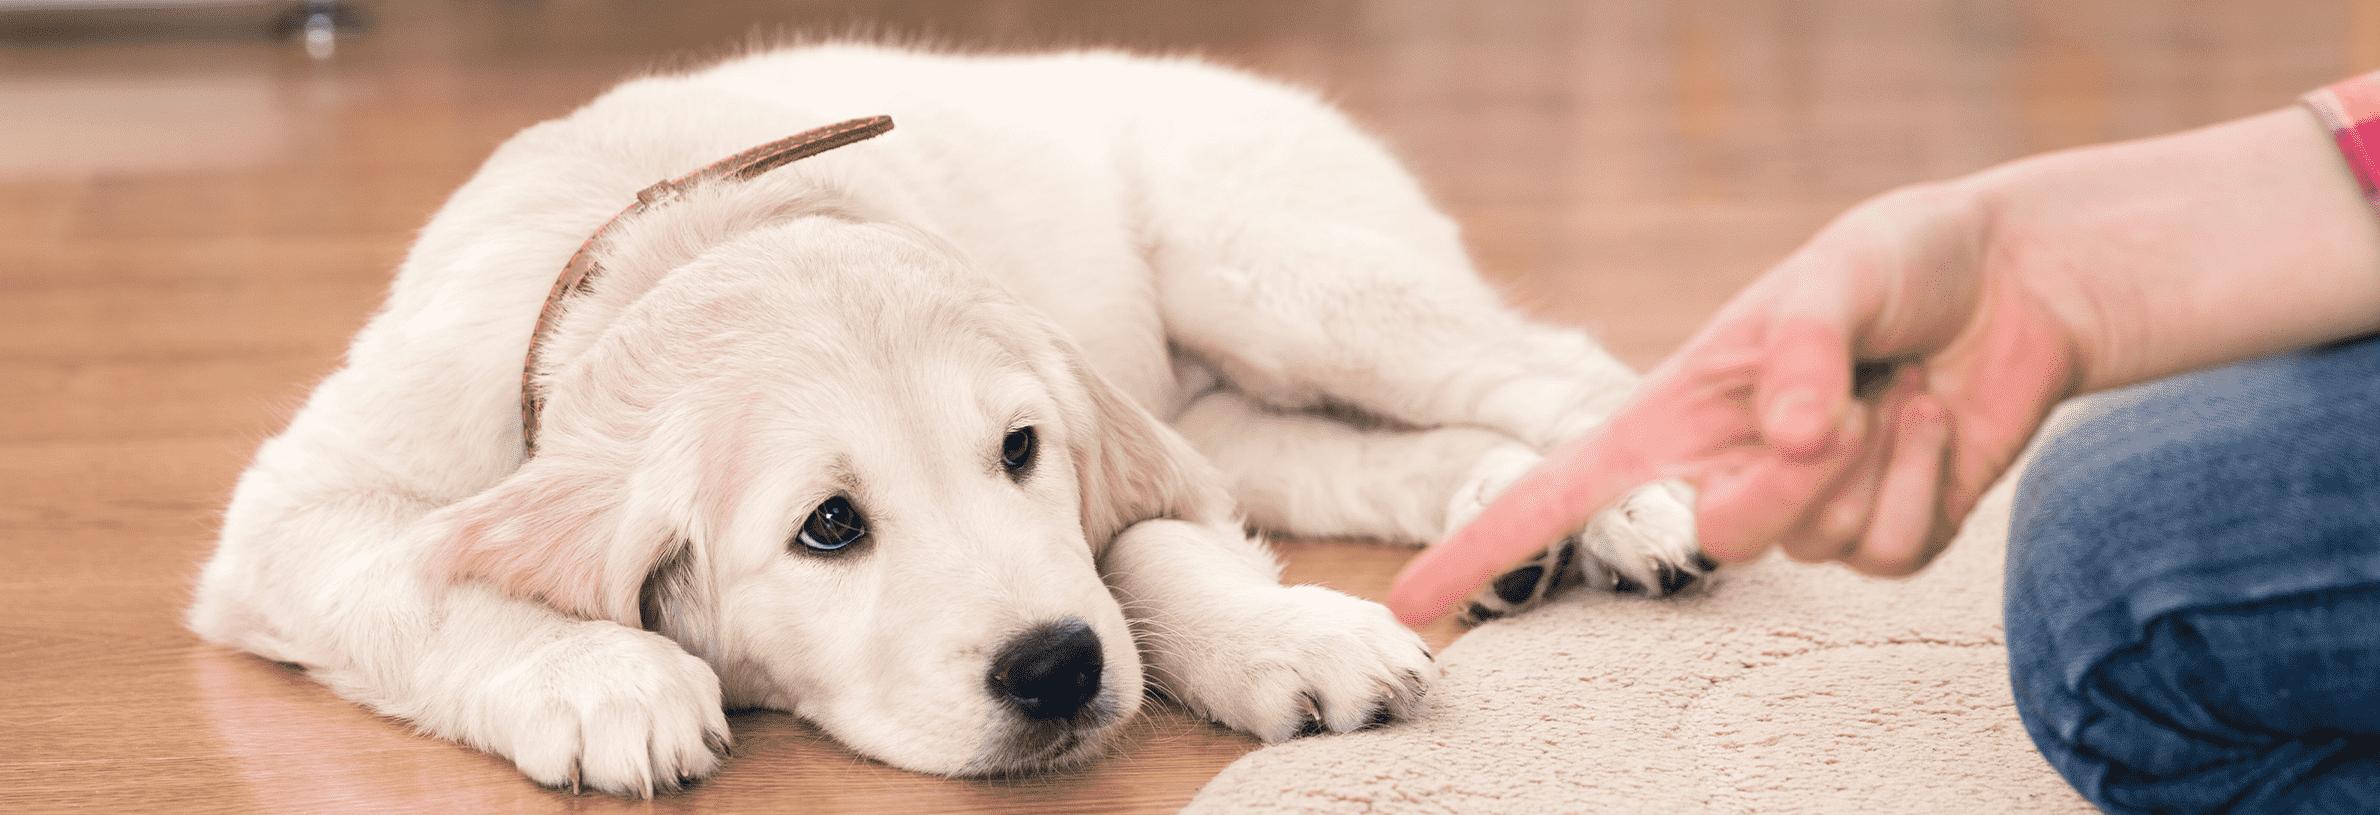 puppy gedrag corrigeren